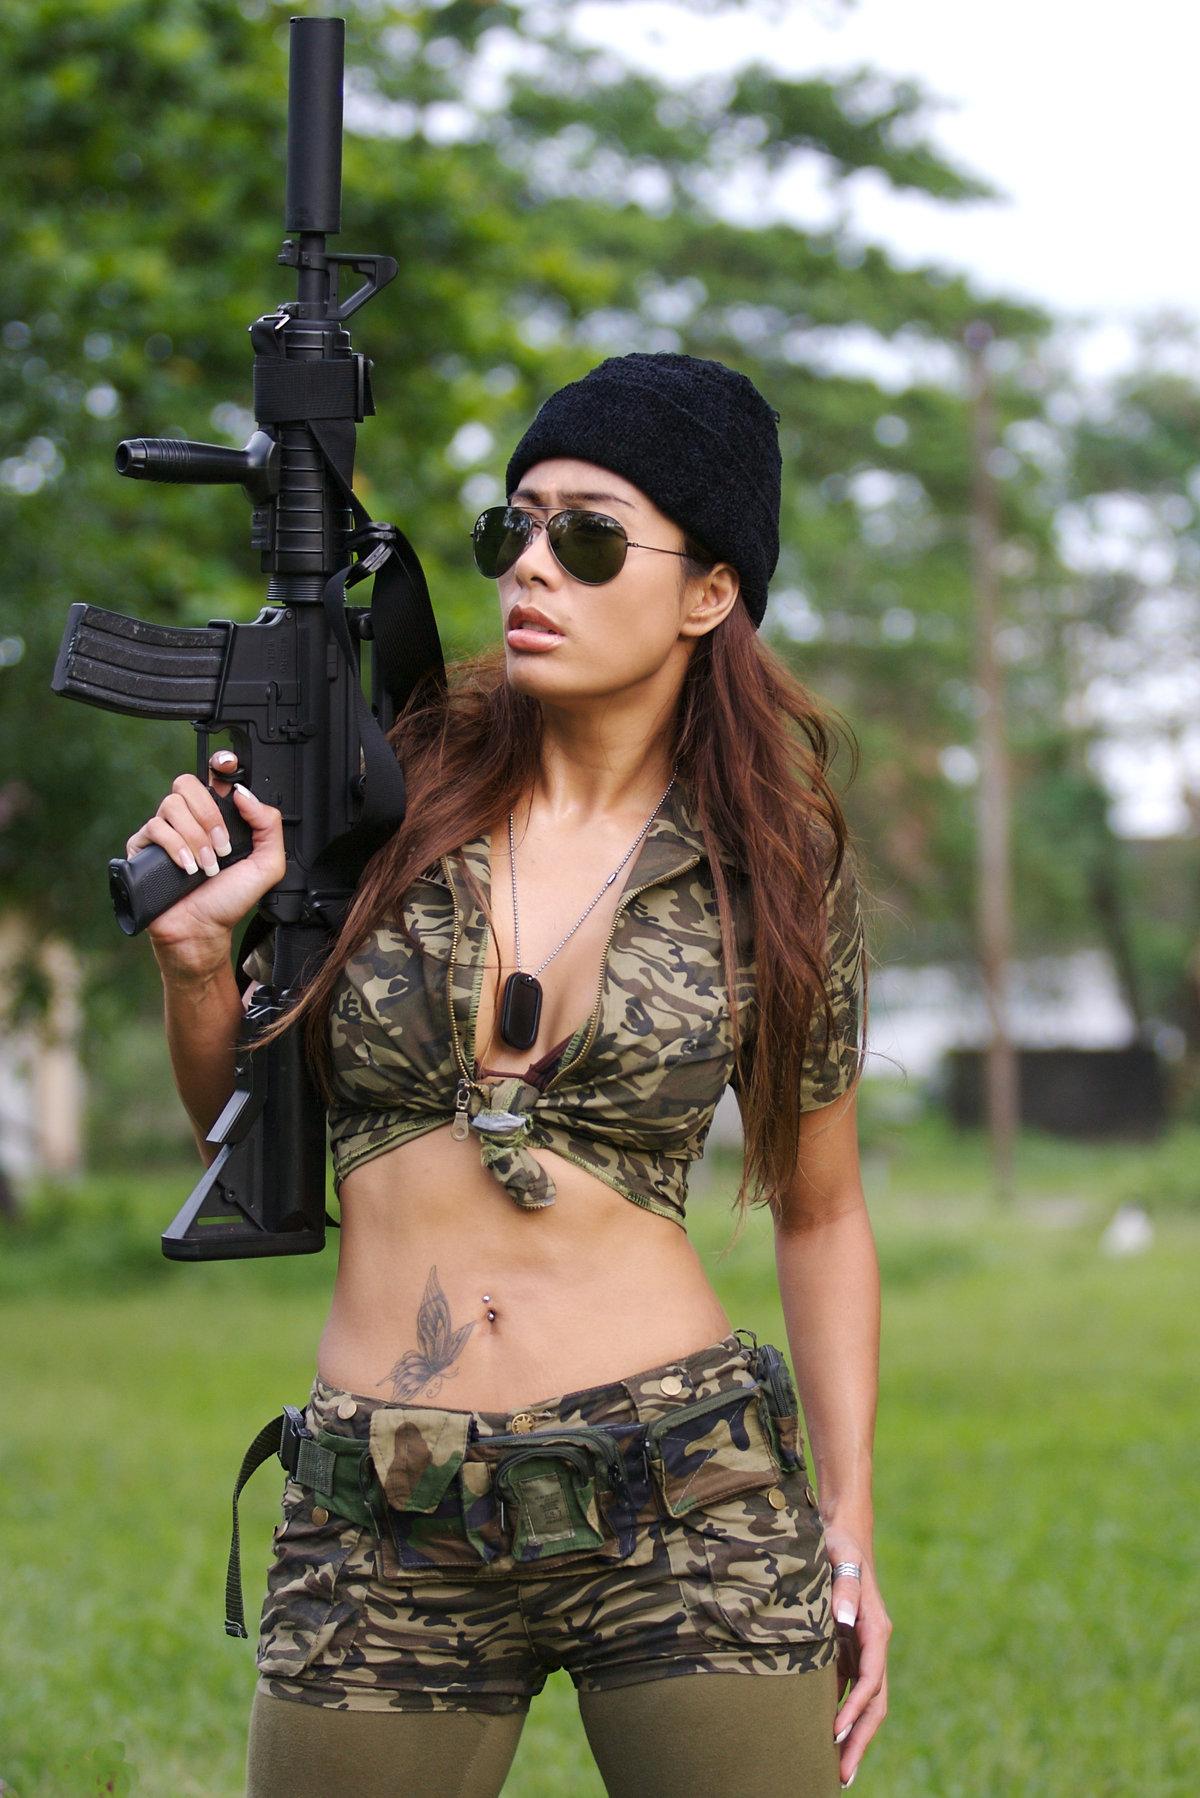 Женщины и оружие в картинках